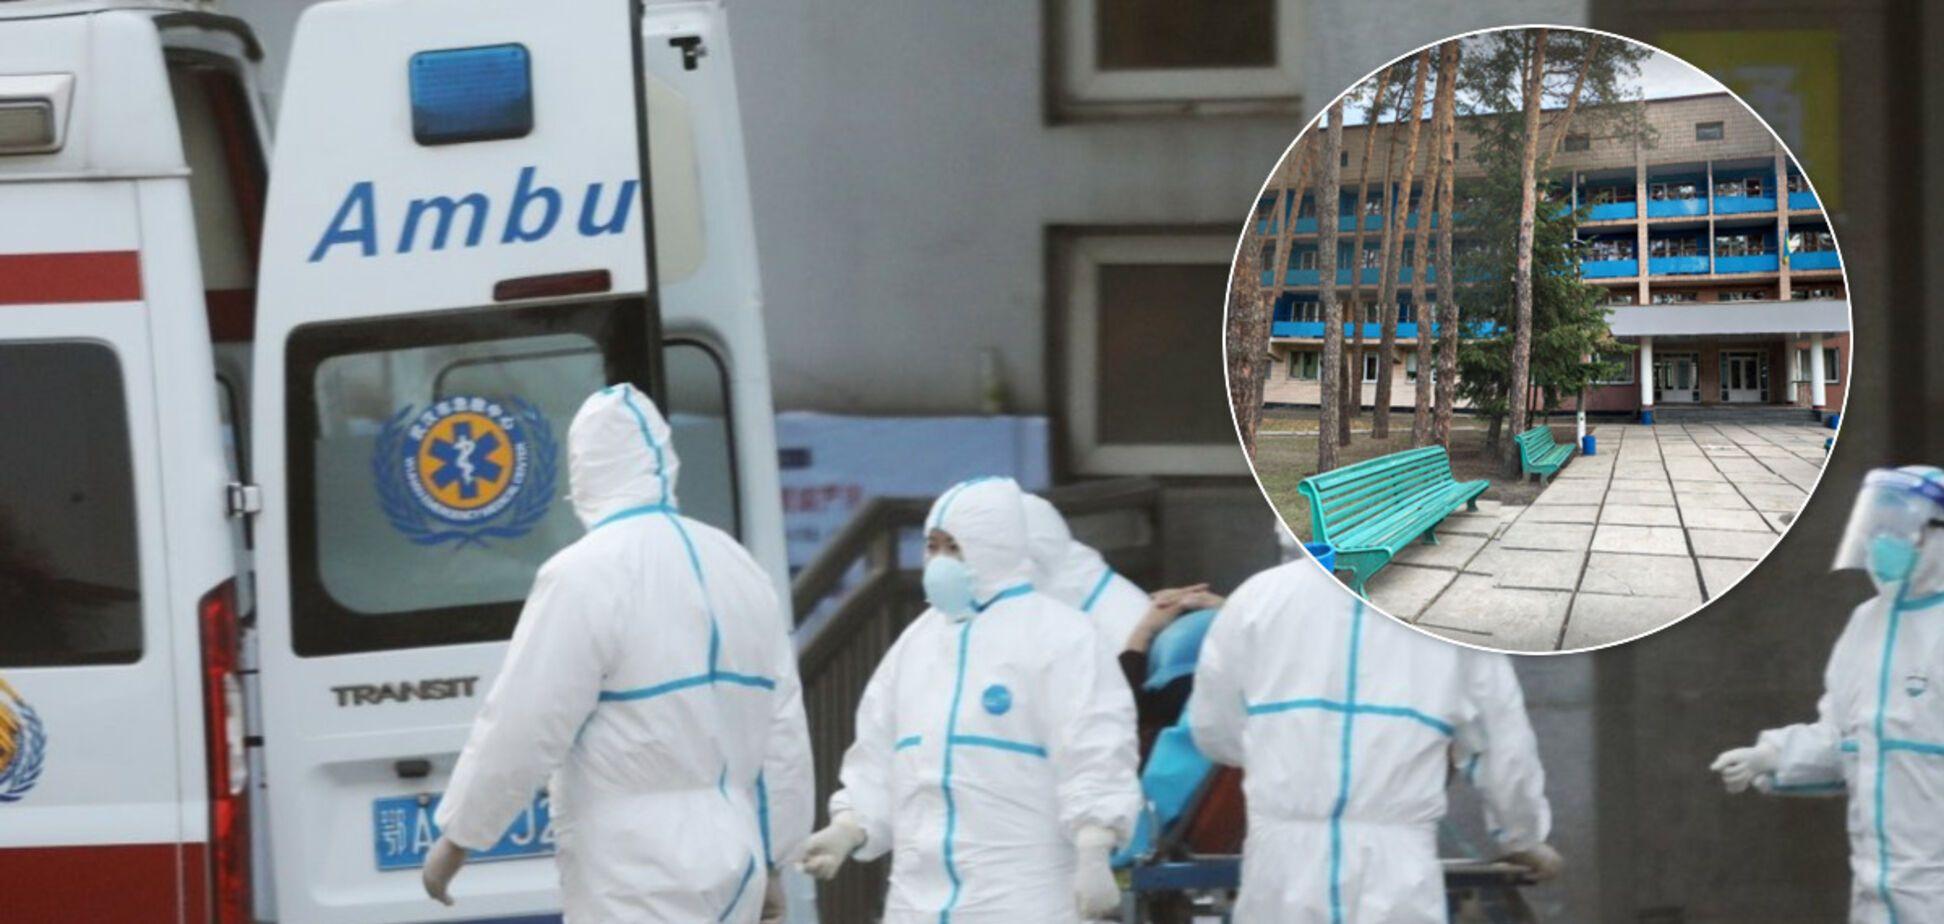 Українців з охопленого коронавірусом Китаю хочуть поселити в дитячому санаторії: деталі скандалу